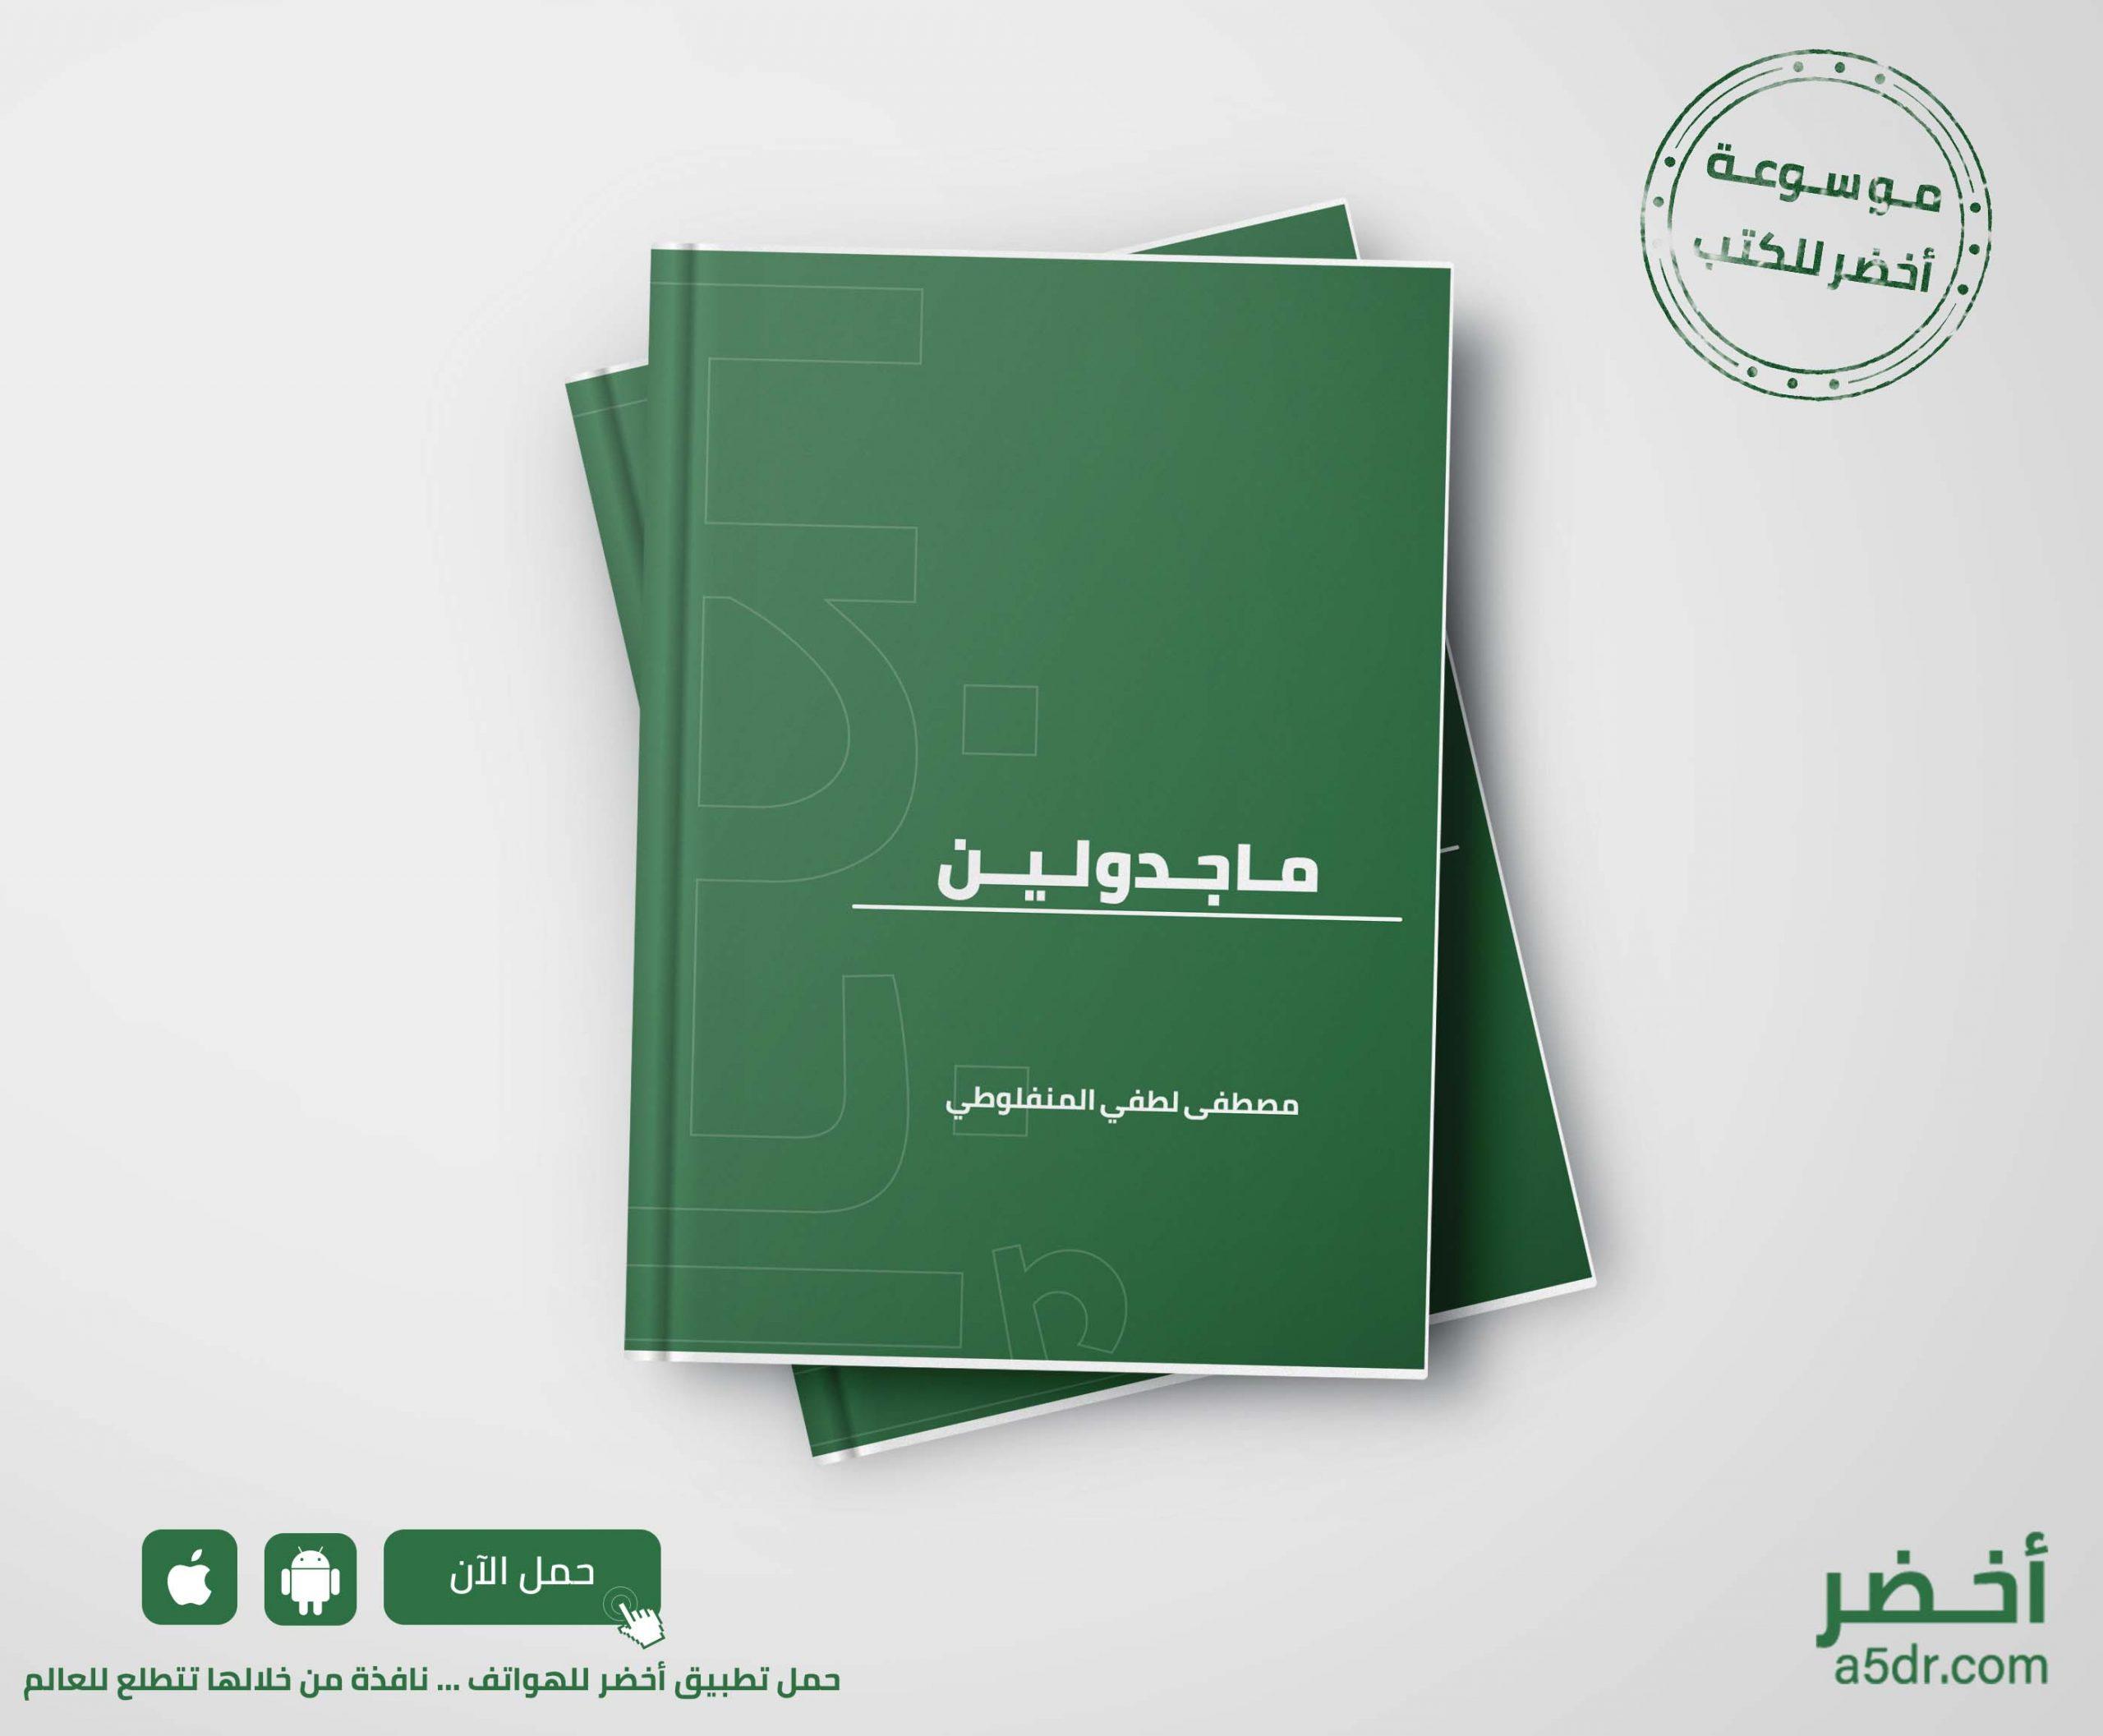 رواية ماجدولين - مصطفى لطفي المنفلوطي